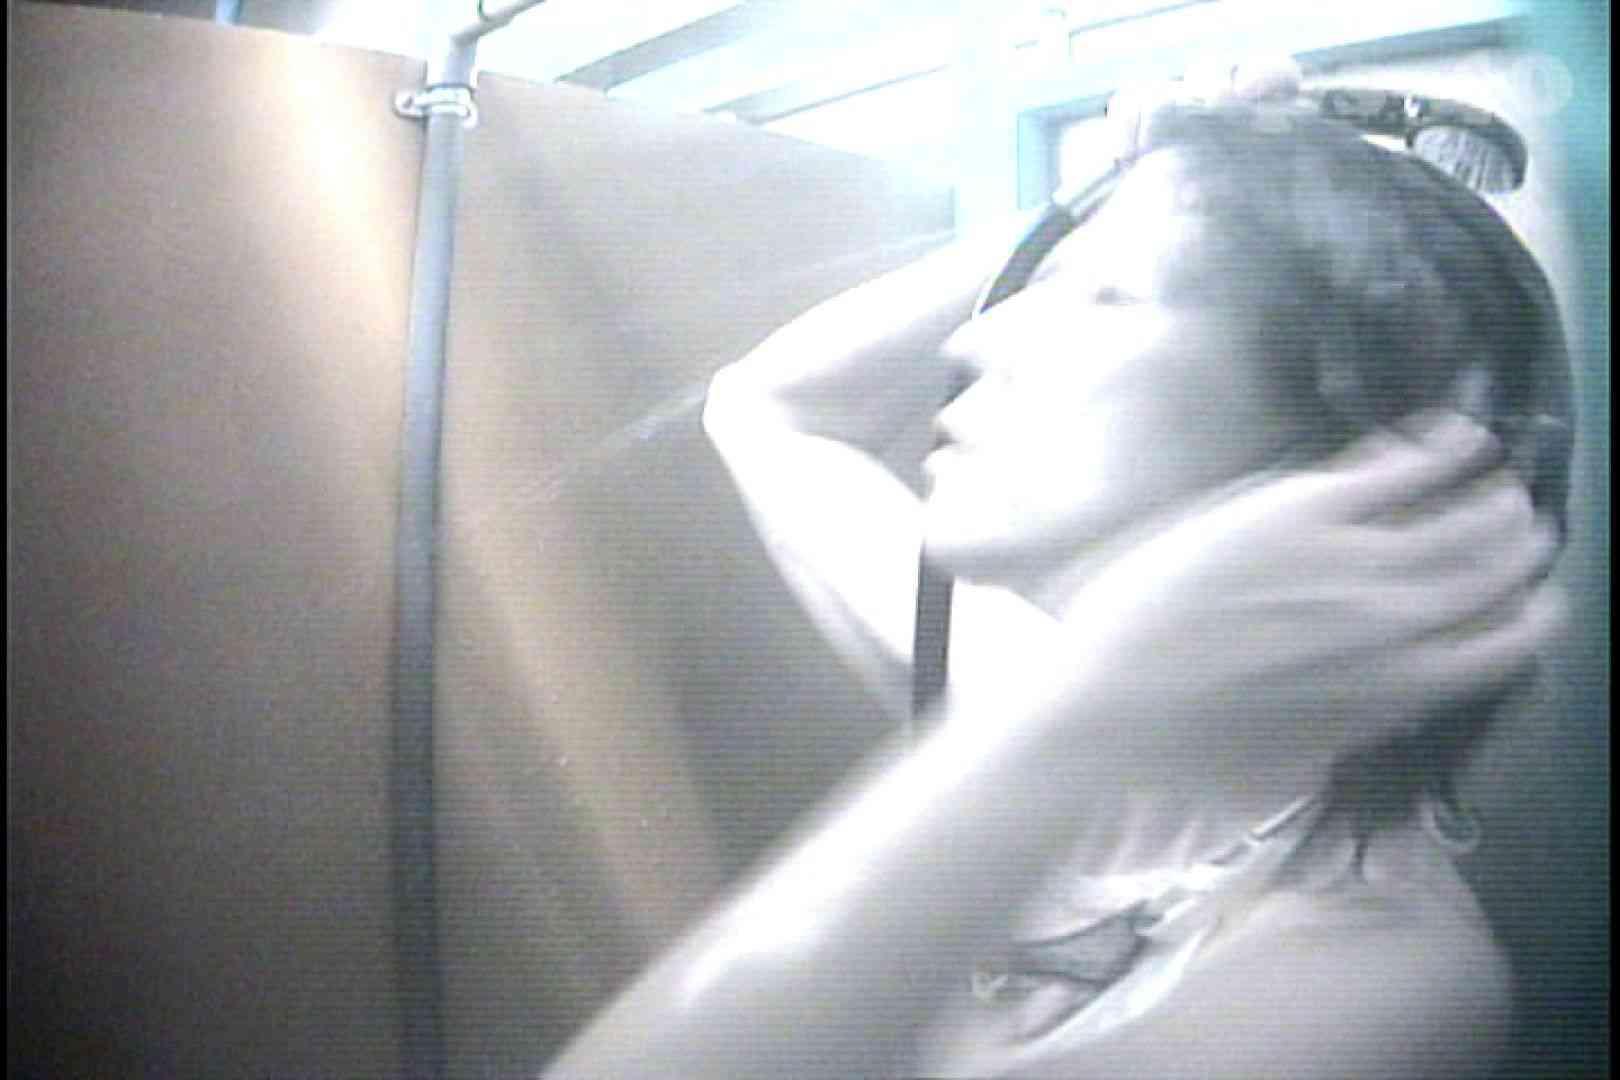 File.40 スレンダーお女市さんの一瞬見せるたれたおっぱい 細身体型 ぱこり動画紹介 108枚 106